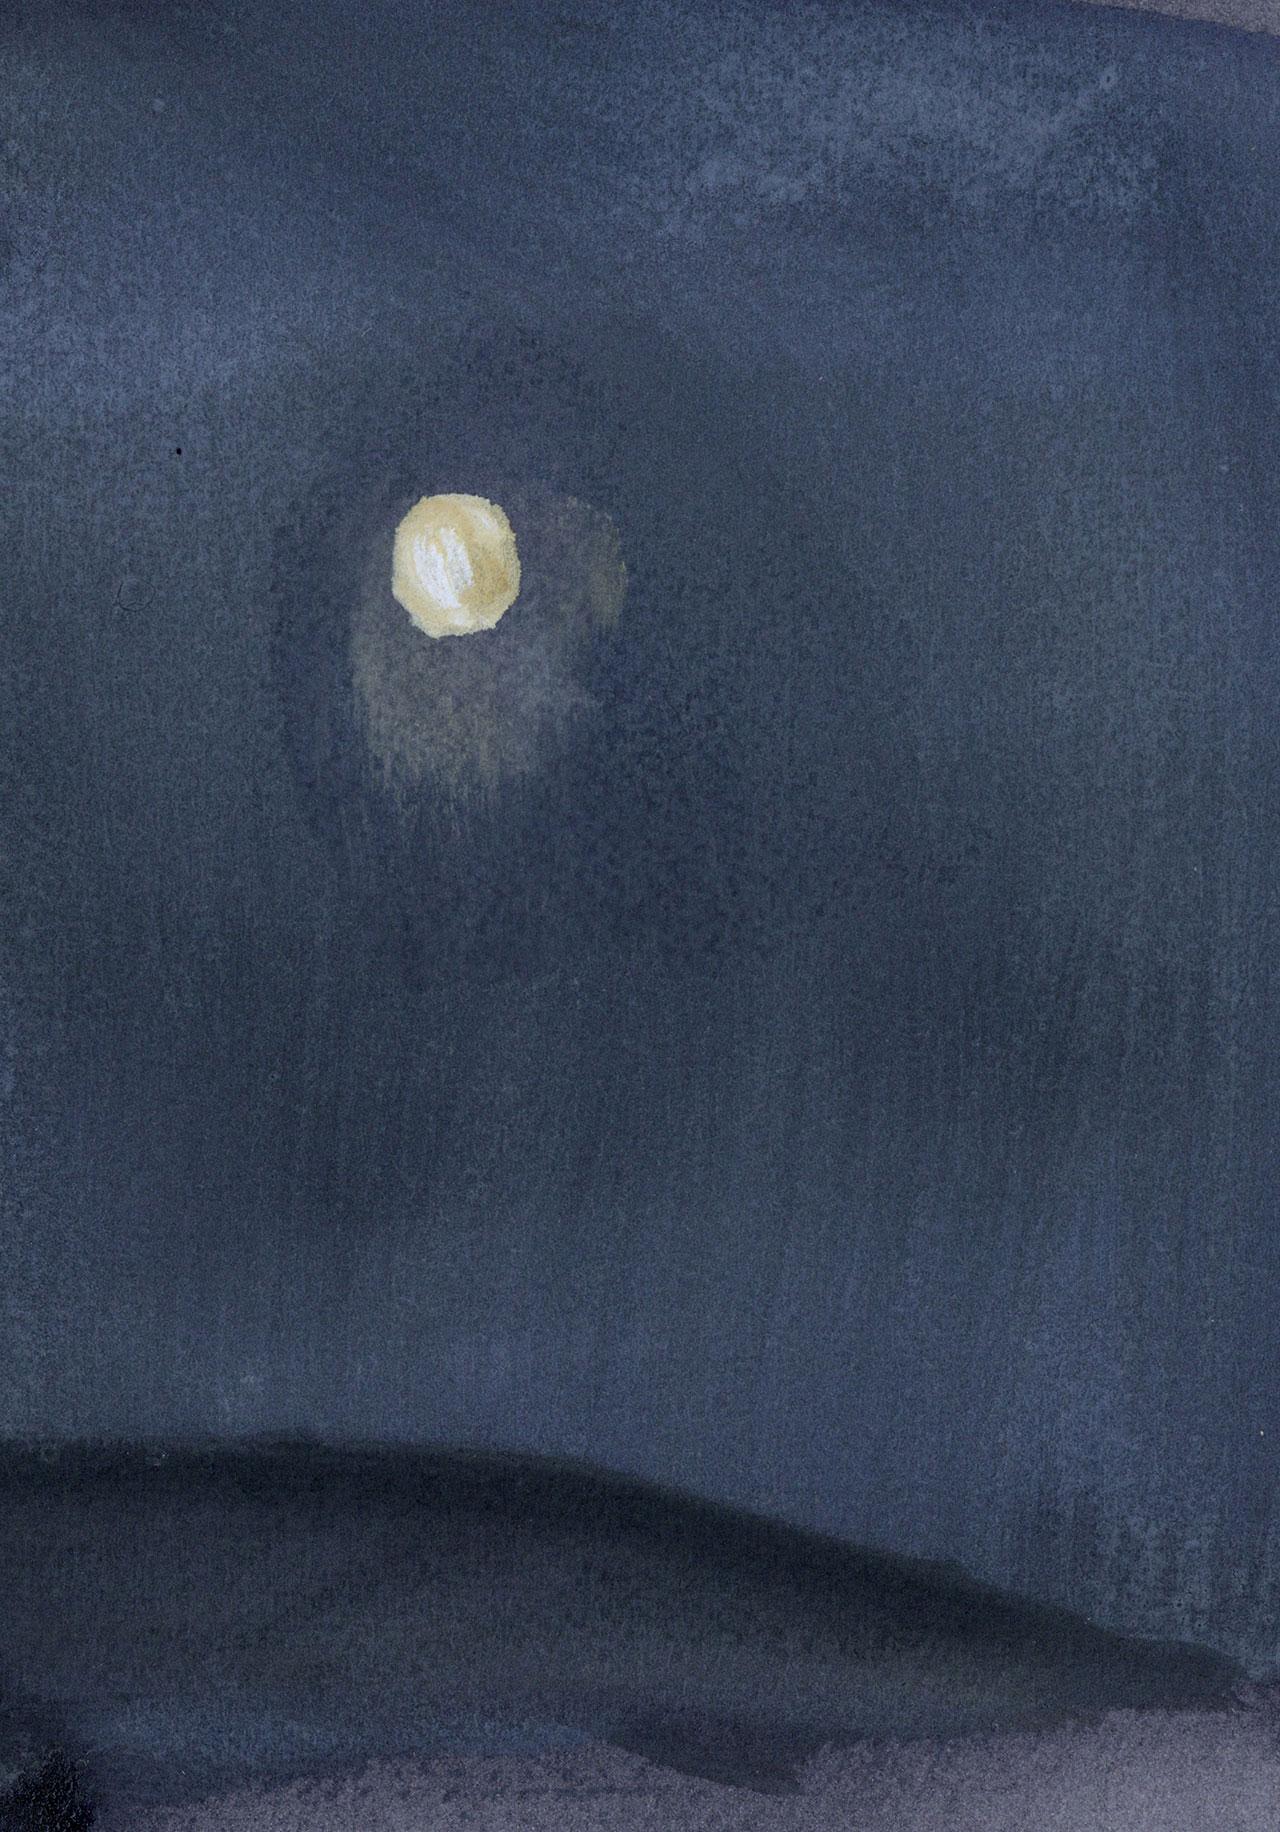 full-moon-night.jpg